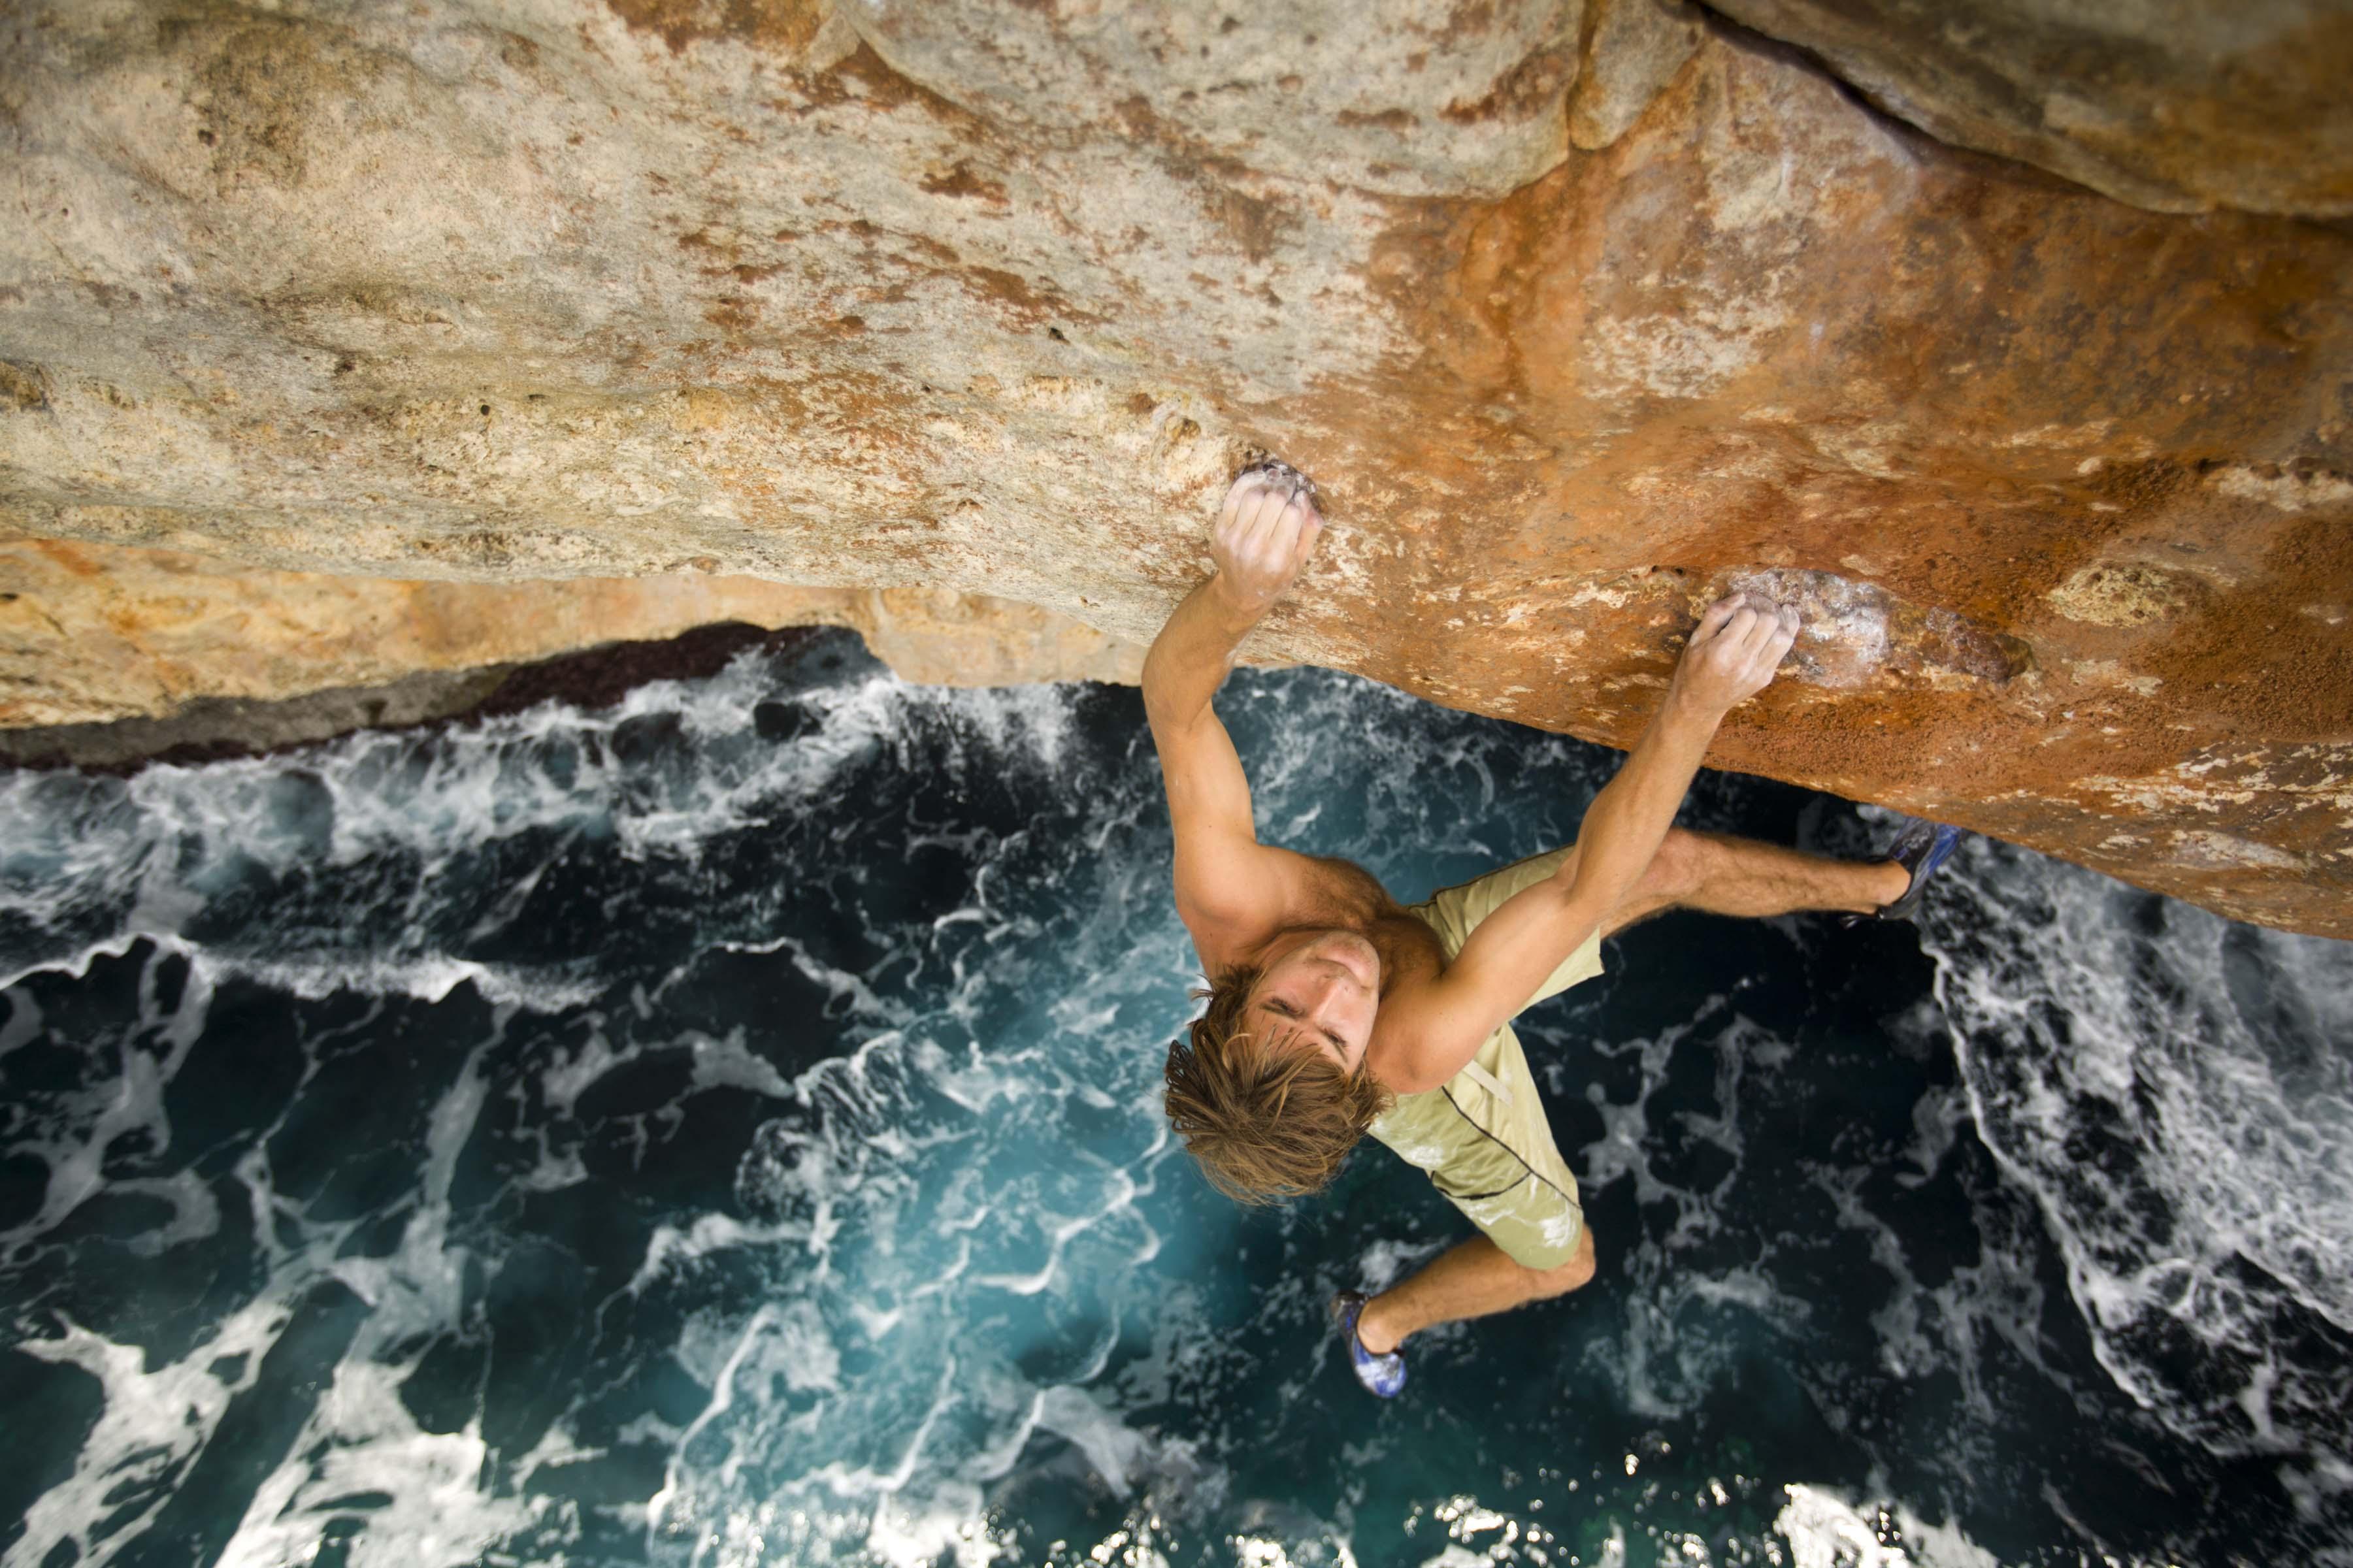 природа горы спорт скалолазание  № 3295578 загрузить